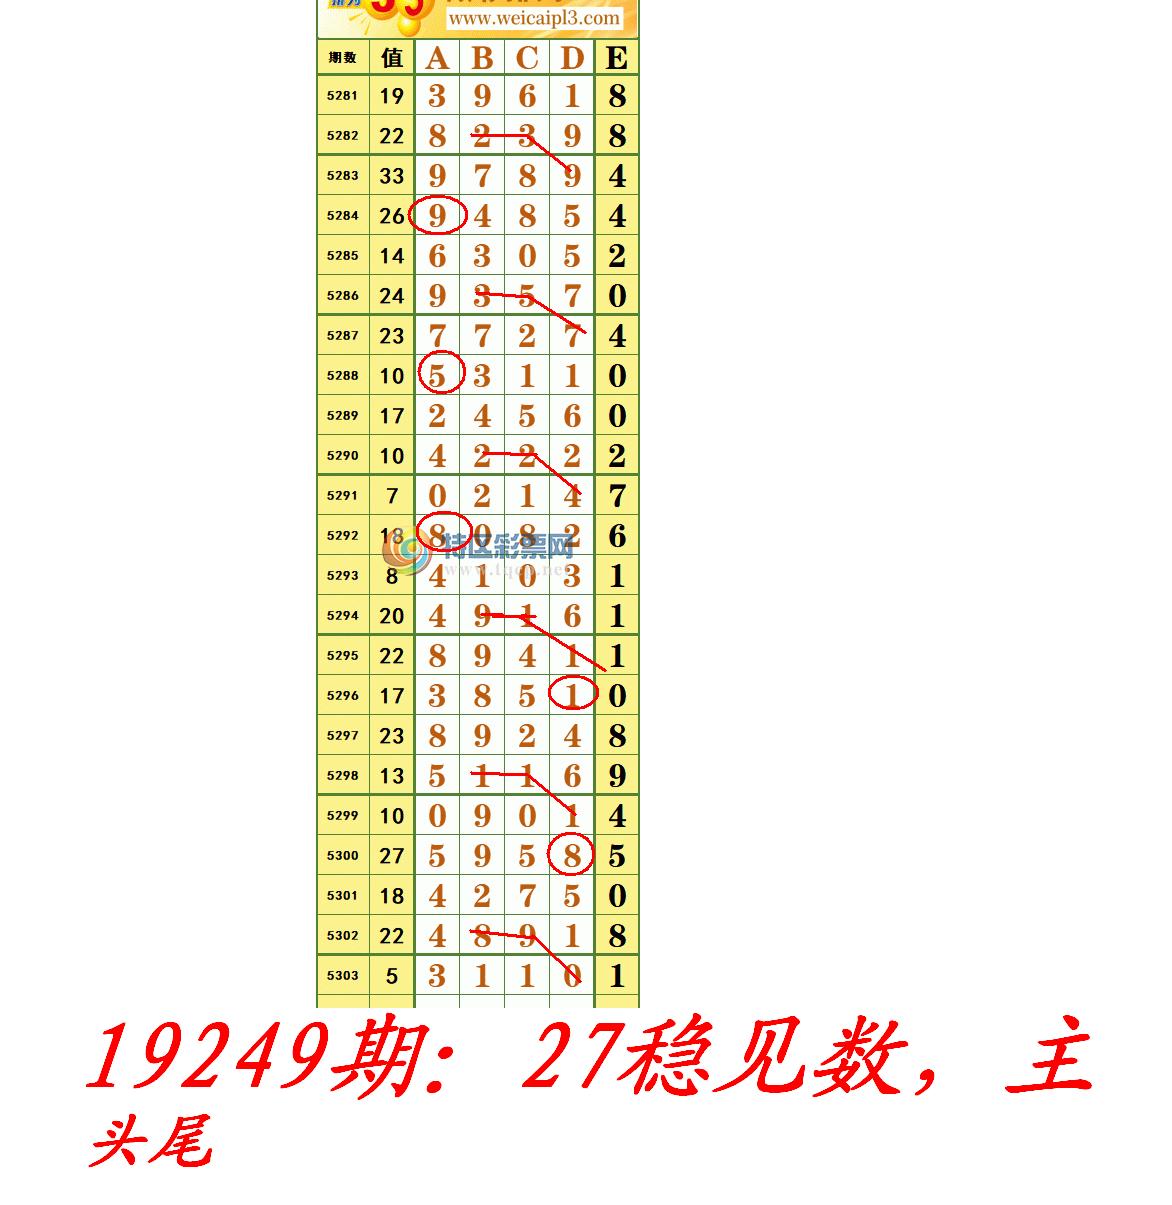 19249期:27稳见数,主头尾.PNG